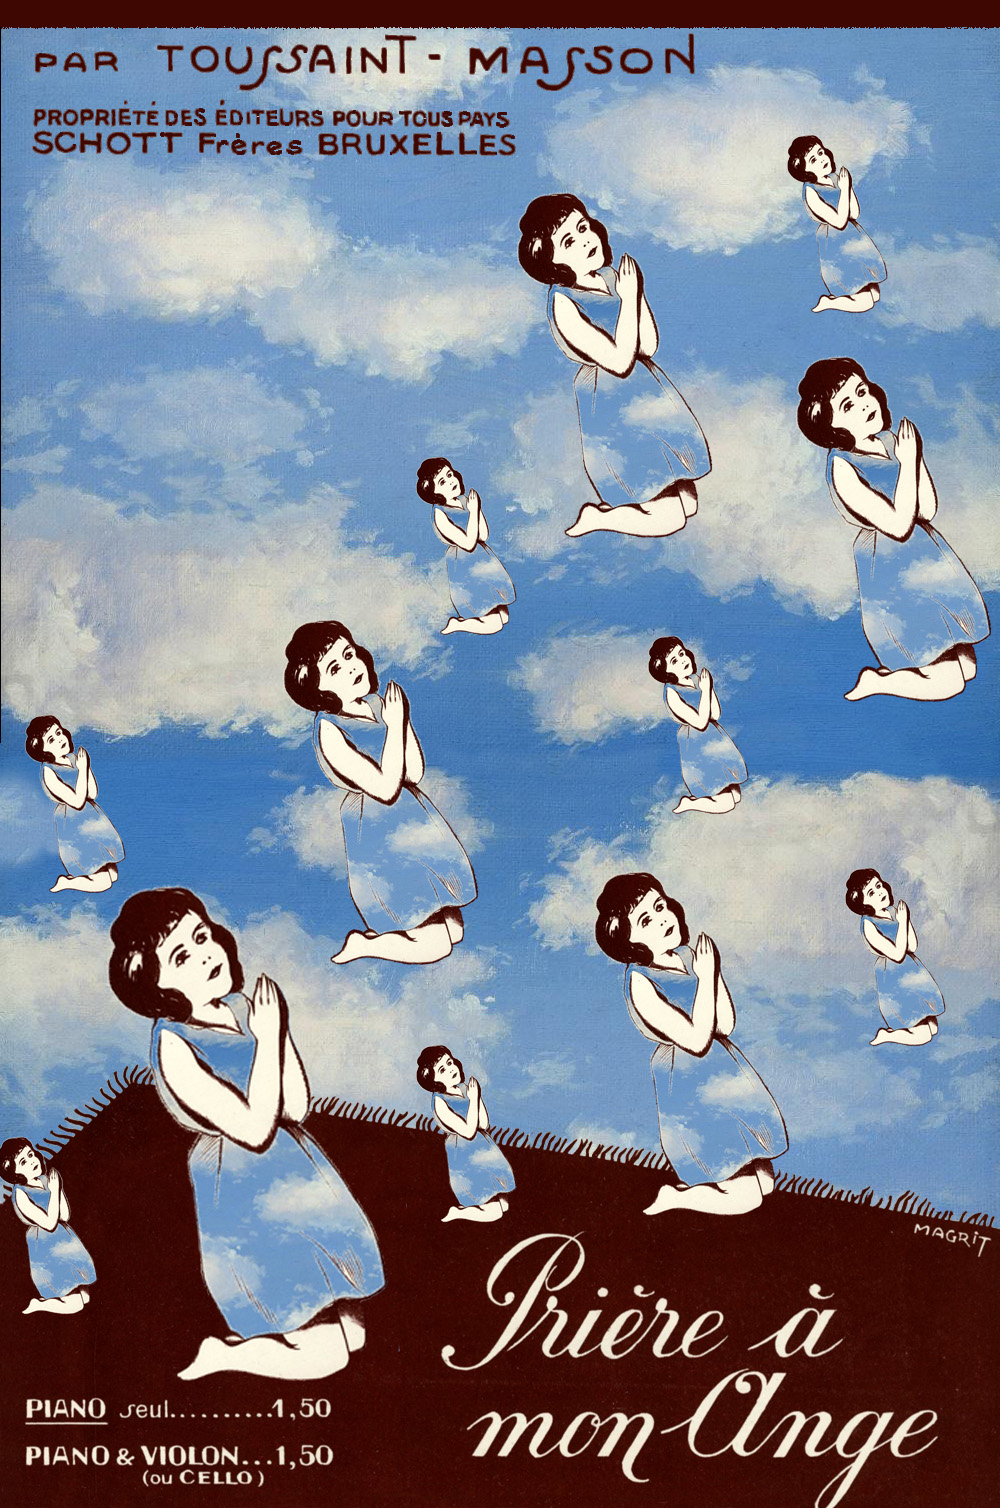 Risultati immagini per magritte prière de mon ange?